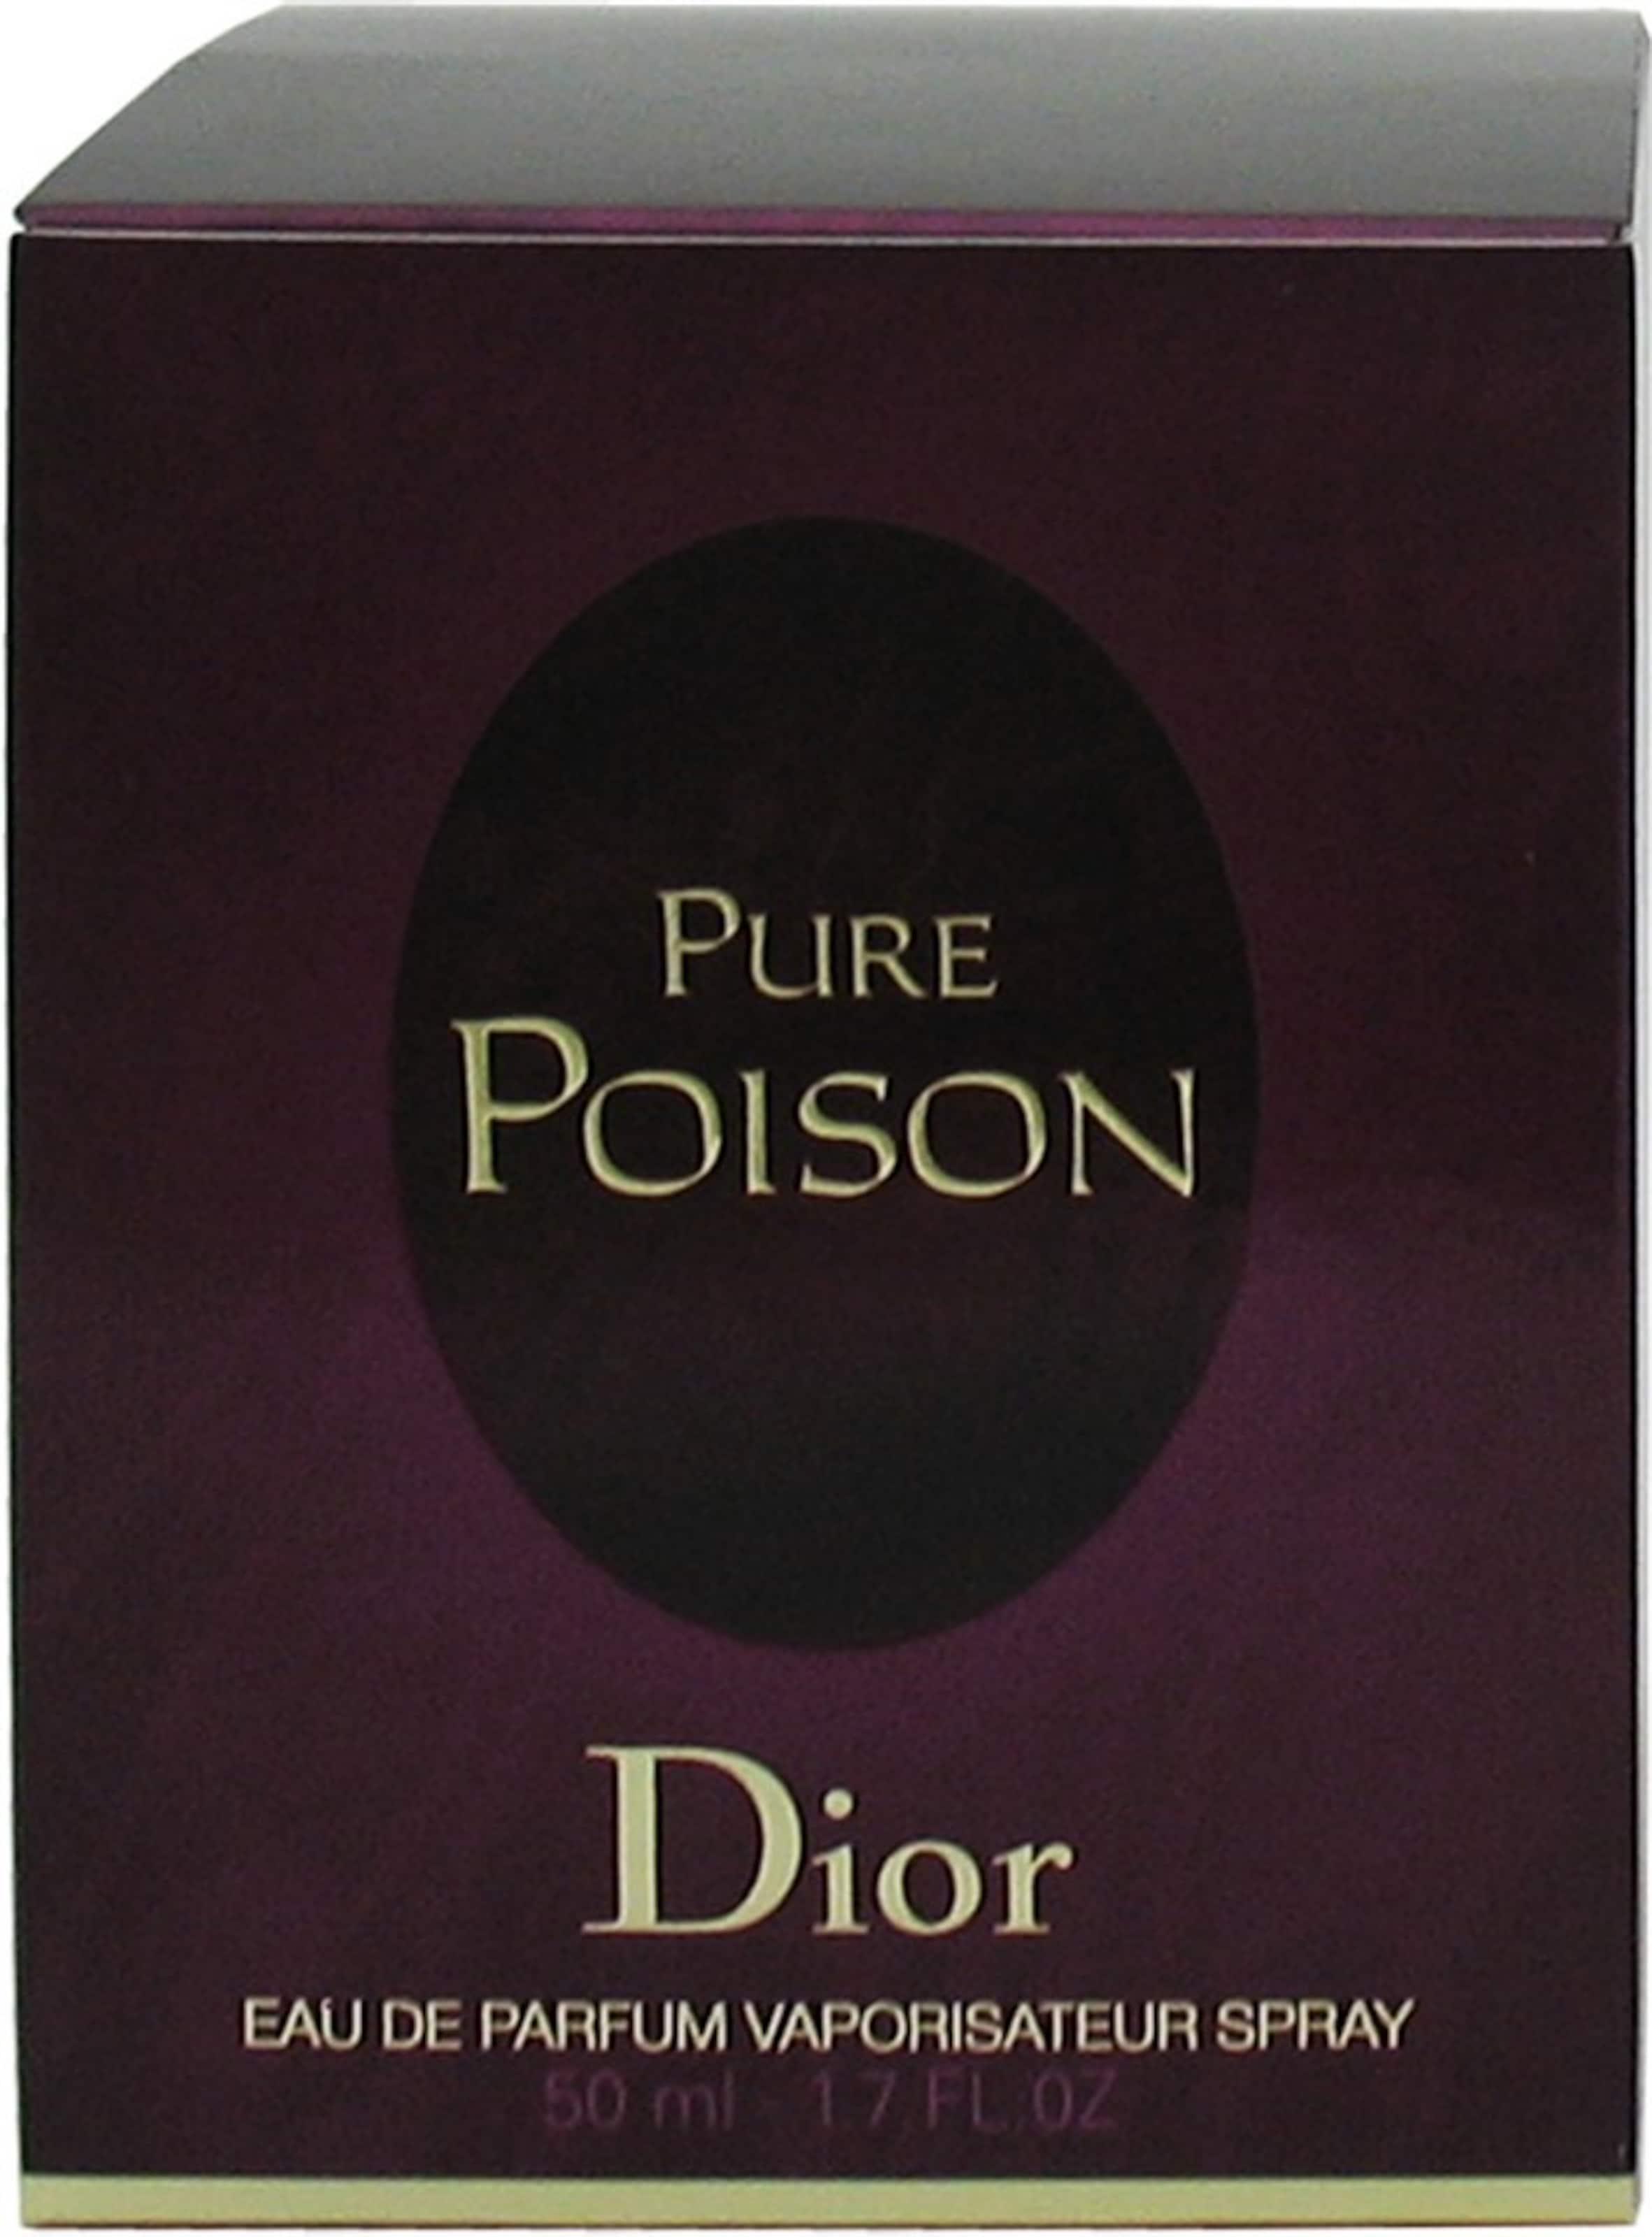 Dior 'Pure Poison' Eau de Parfum Freies Verschiffen Outlet-Store Geschäft Billig Original XmAhsD